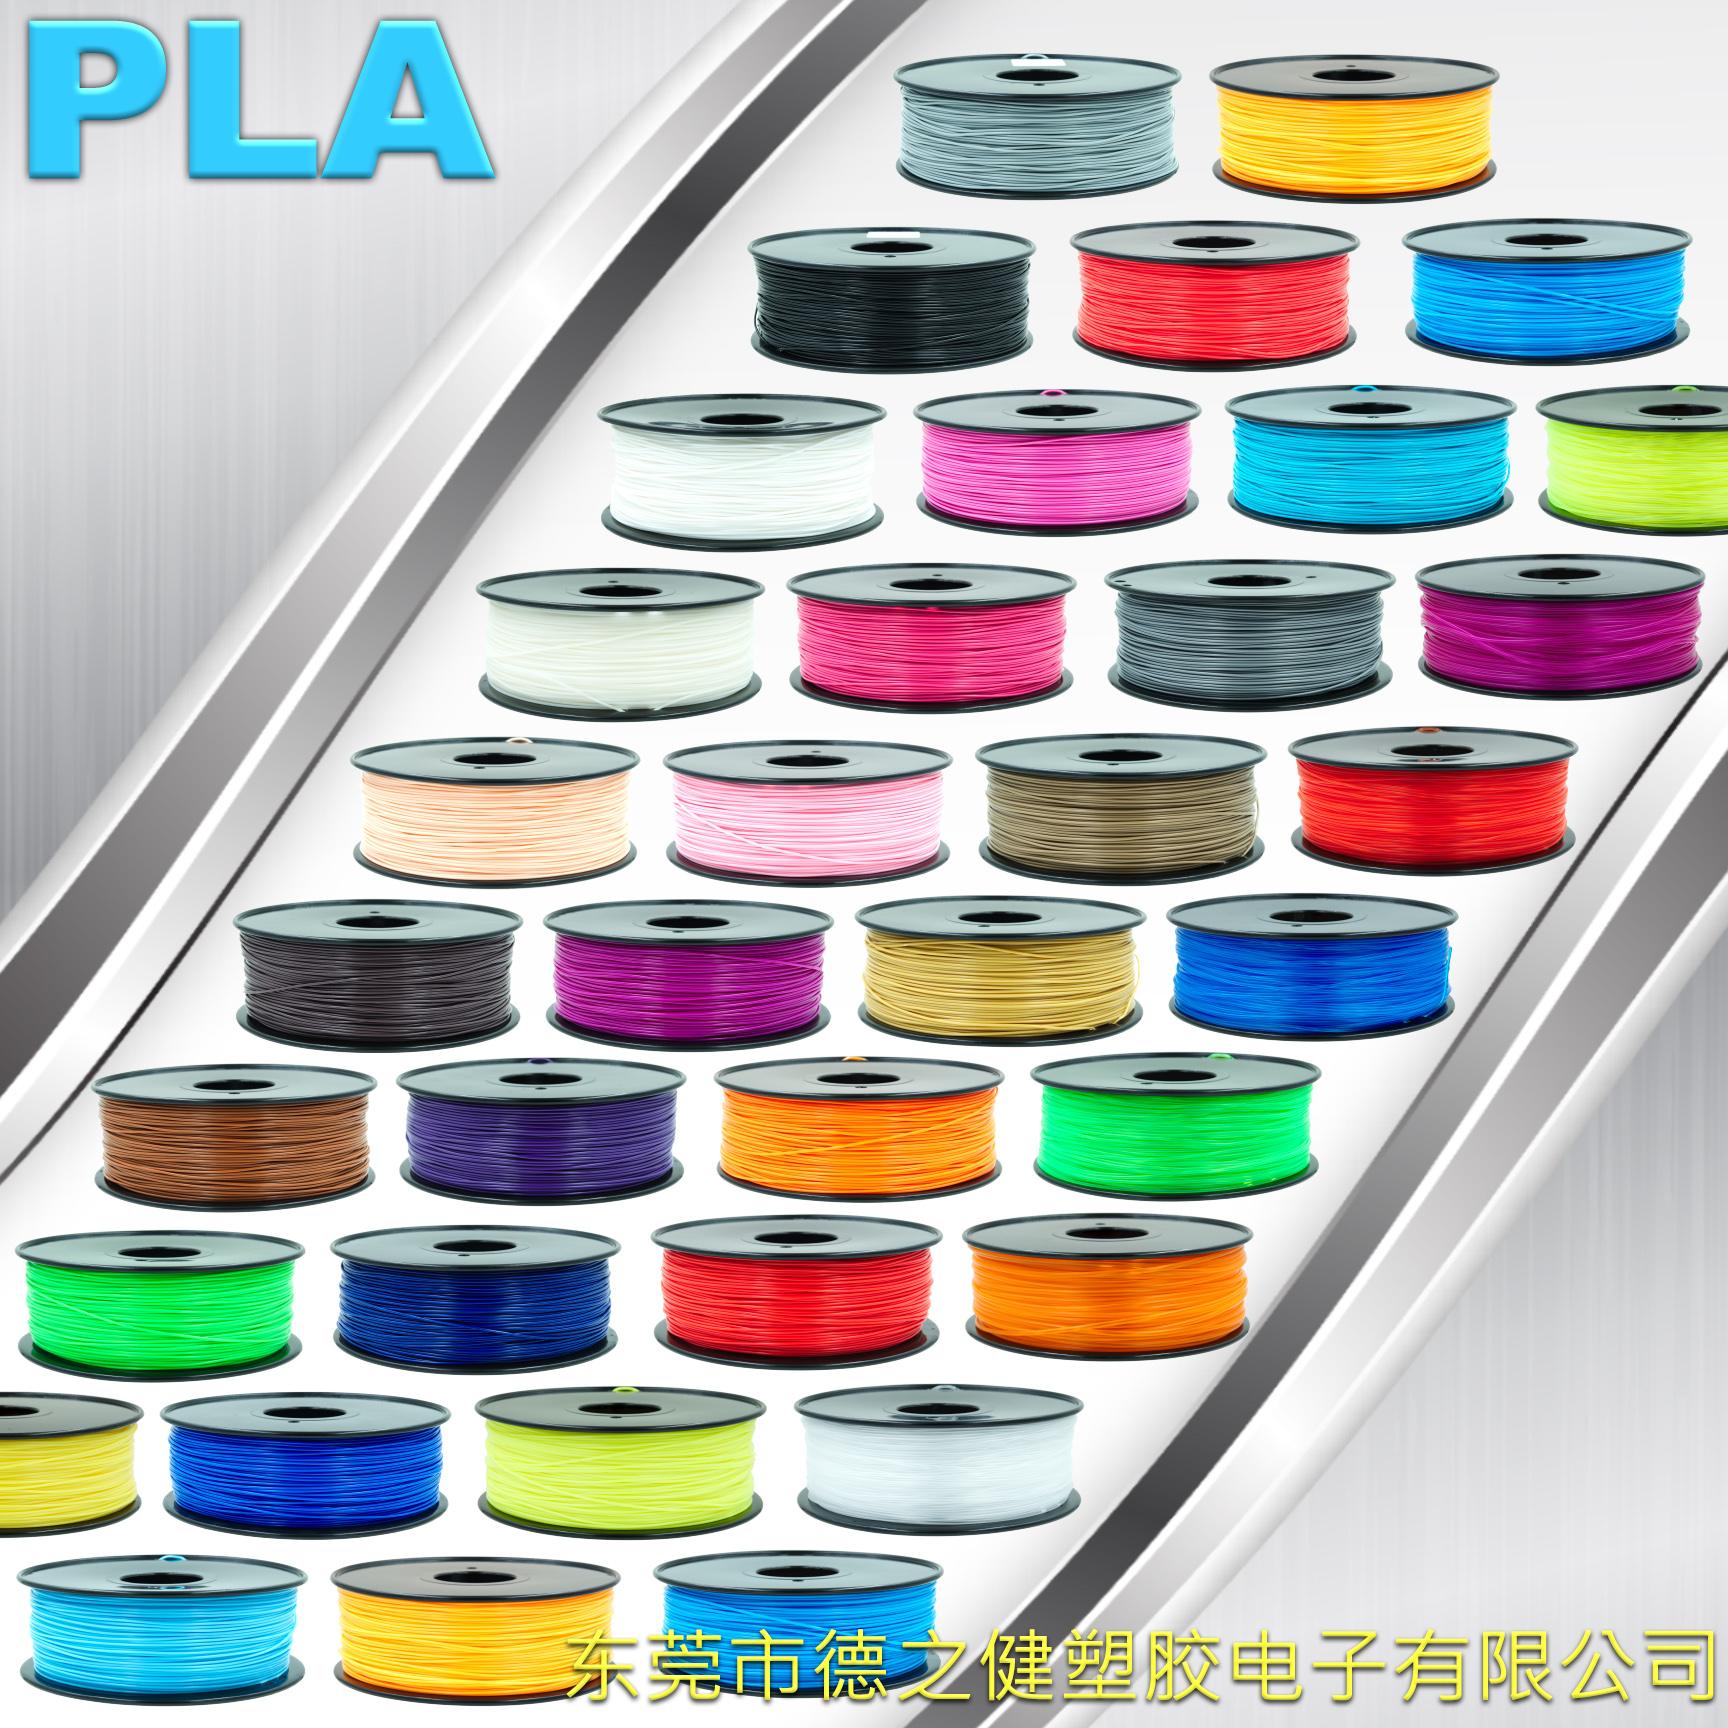 全新环保料生产PLA3d打印耗材/3D打印机耗材